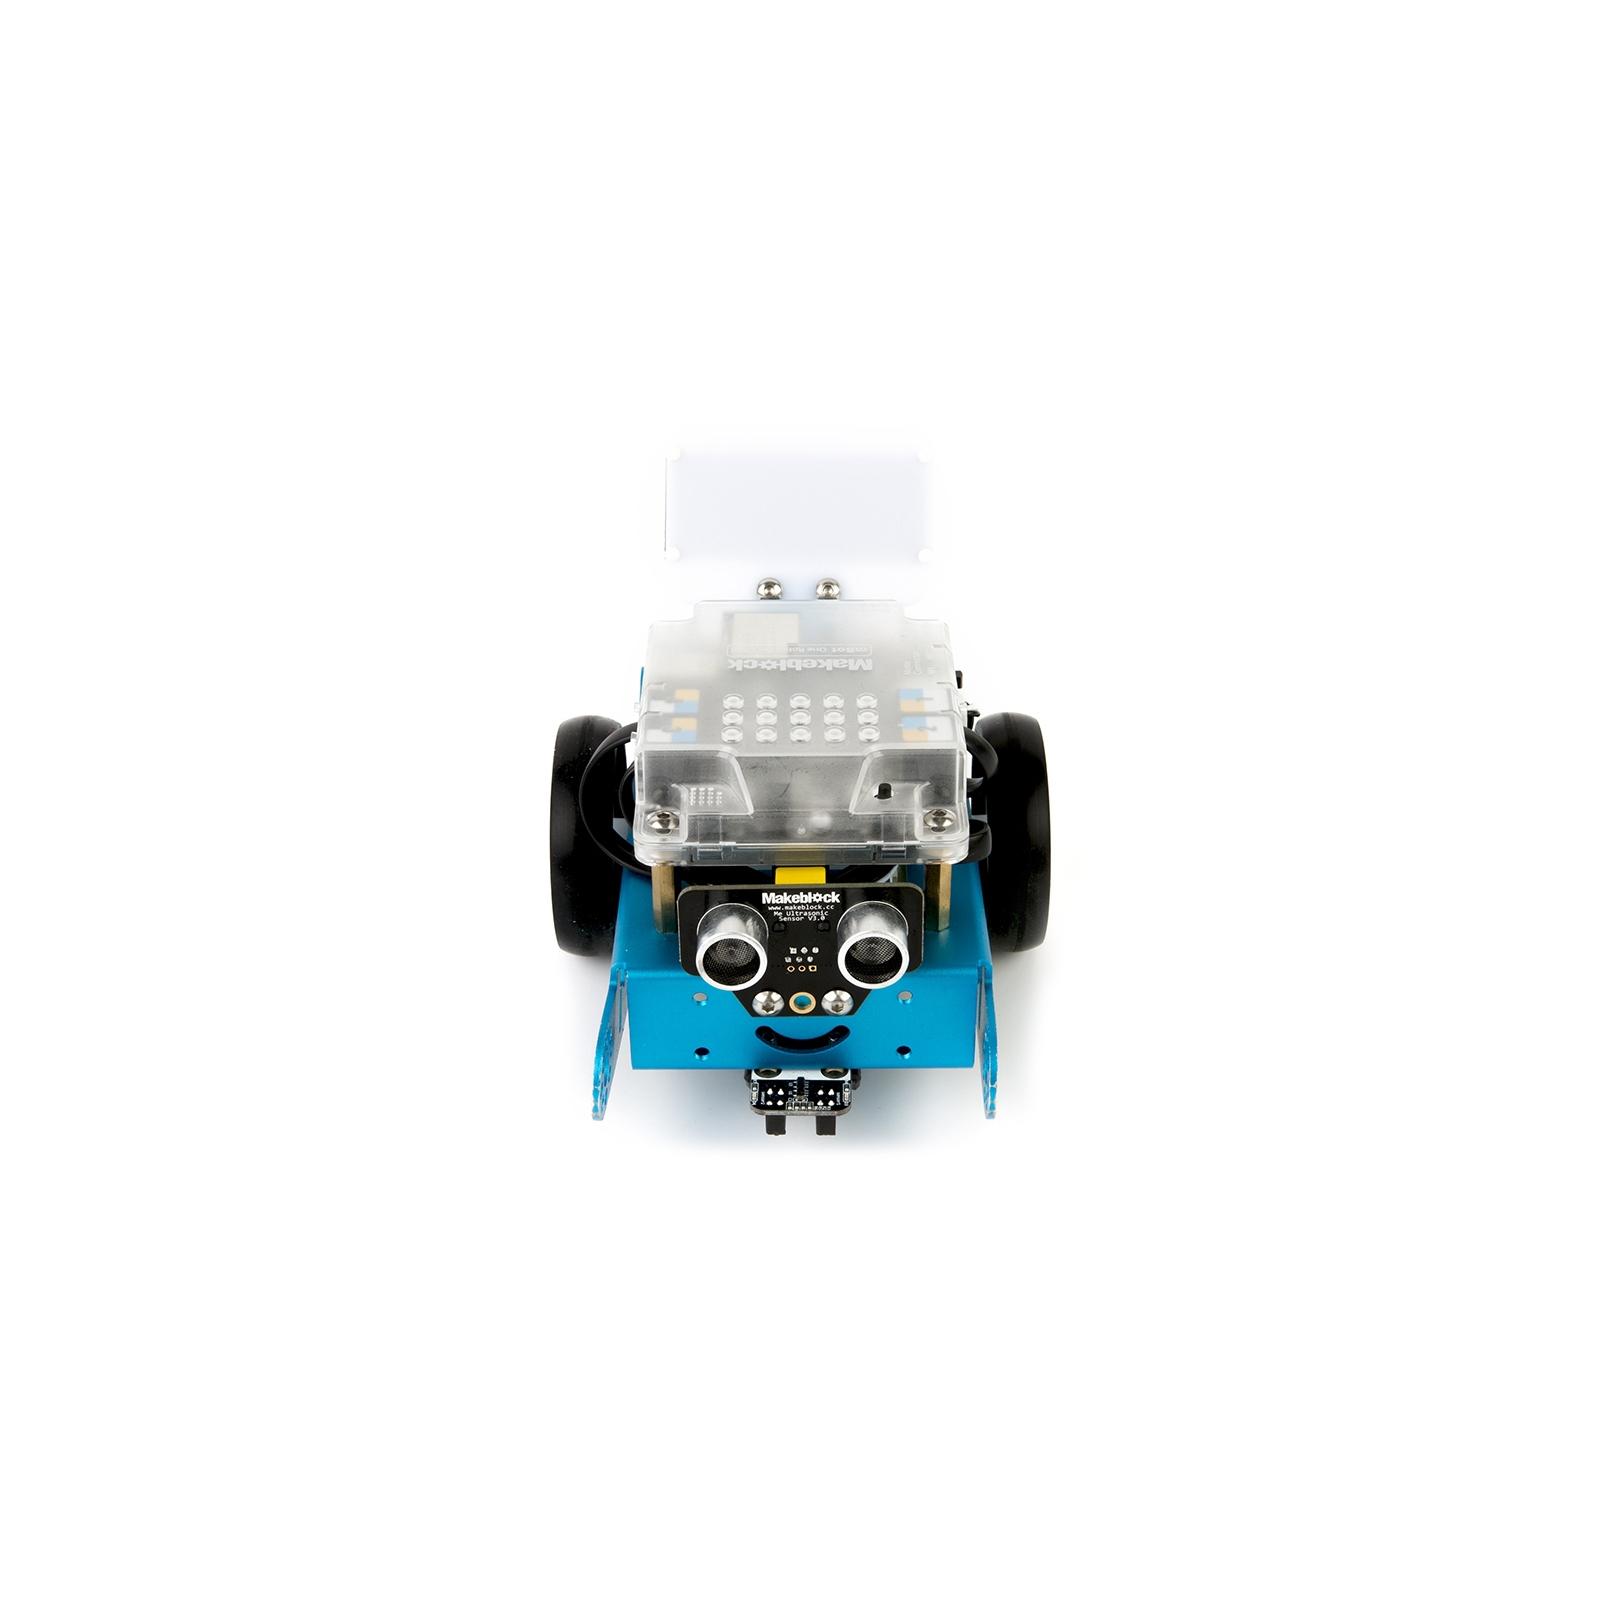 Робот Makeblock mBot S (P1010045) изображение 7